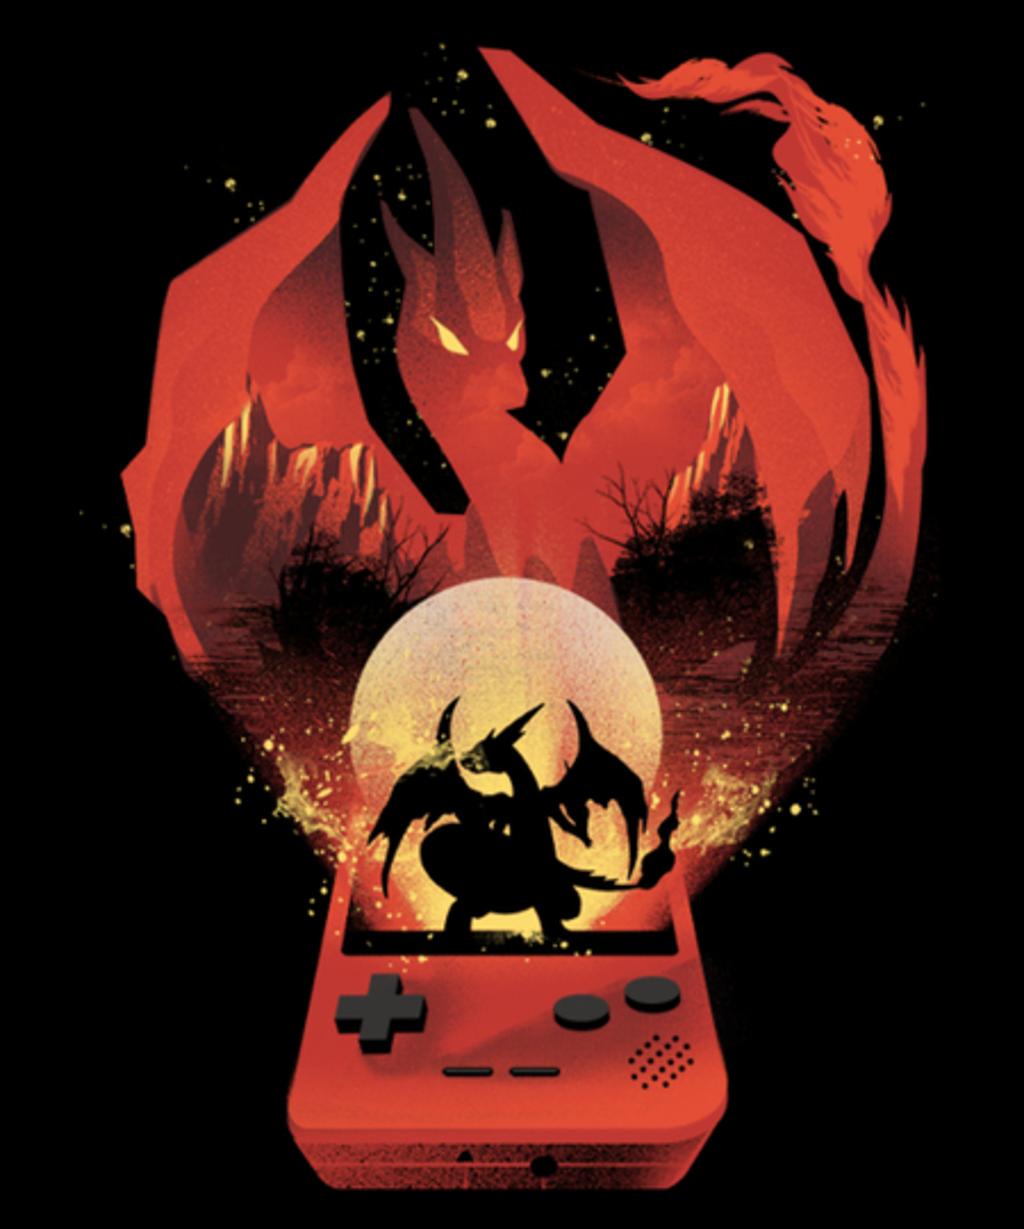 Qwertee: The Fire Monster